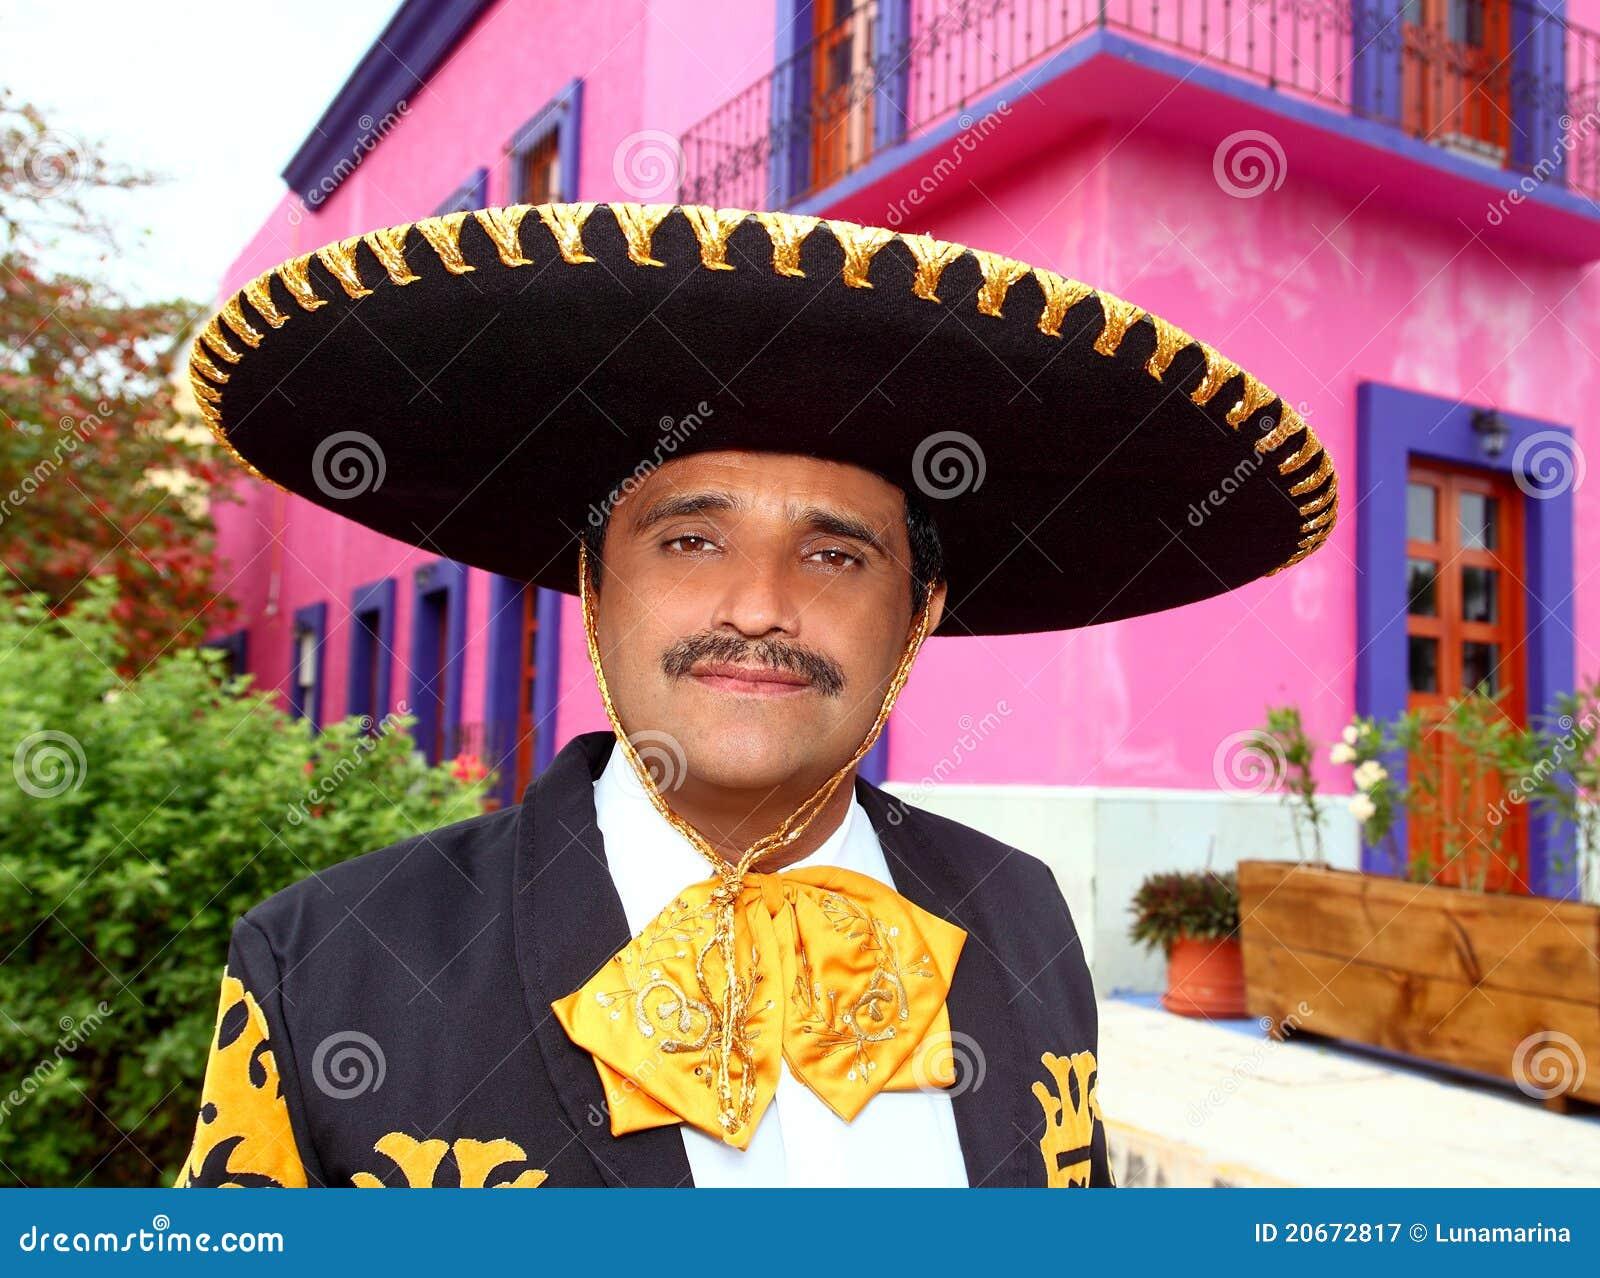 Charro mexikanisches Mariachiportrait im rosafarbenen Haus